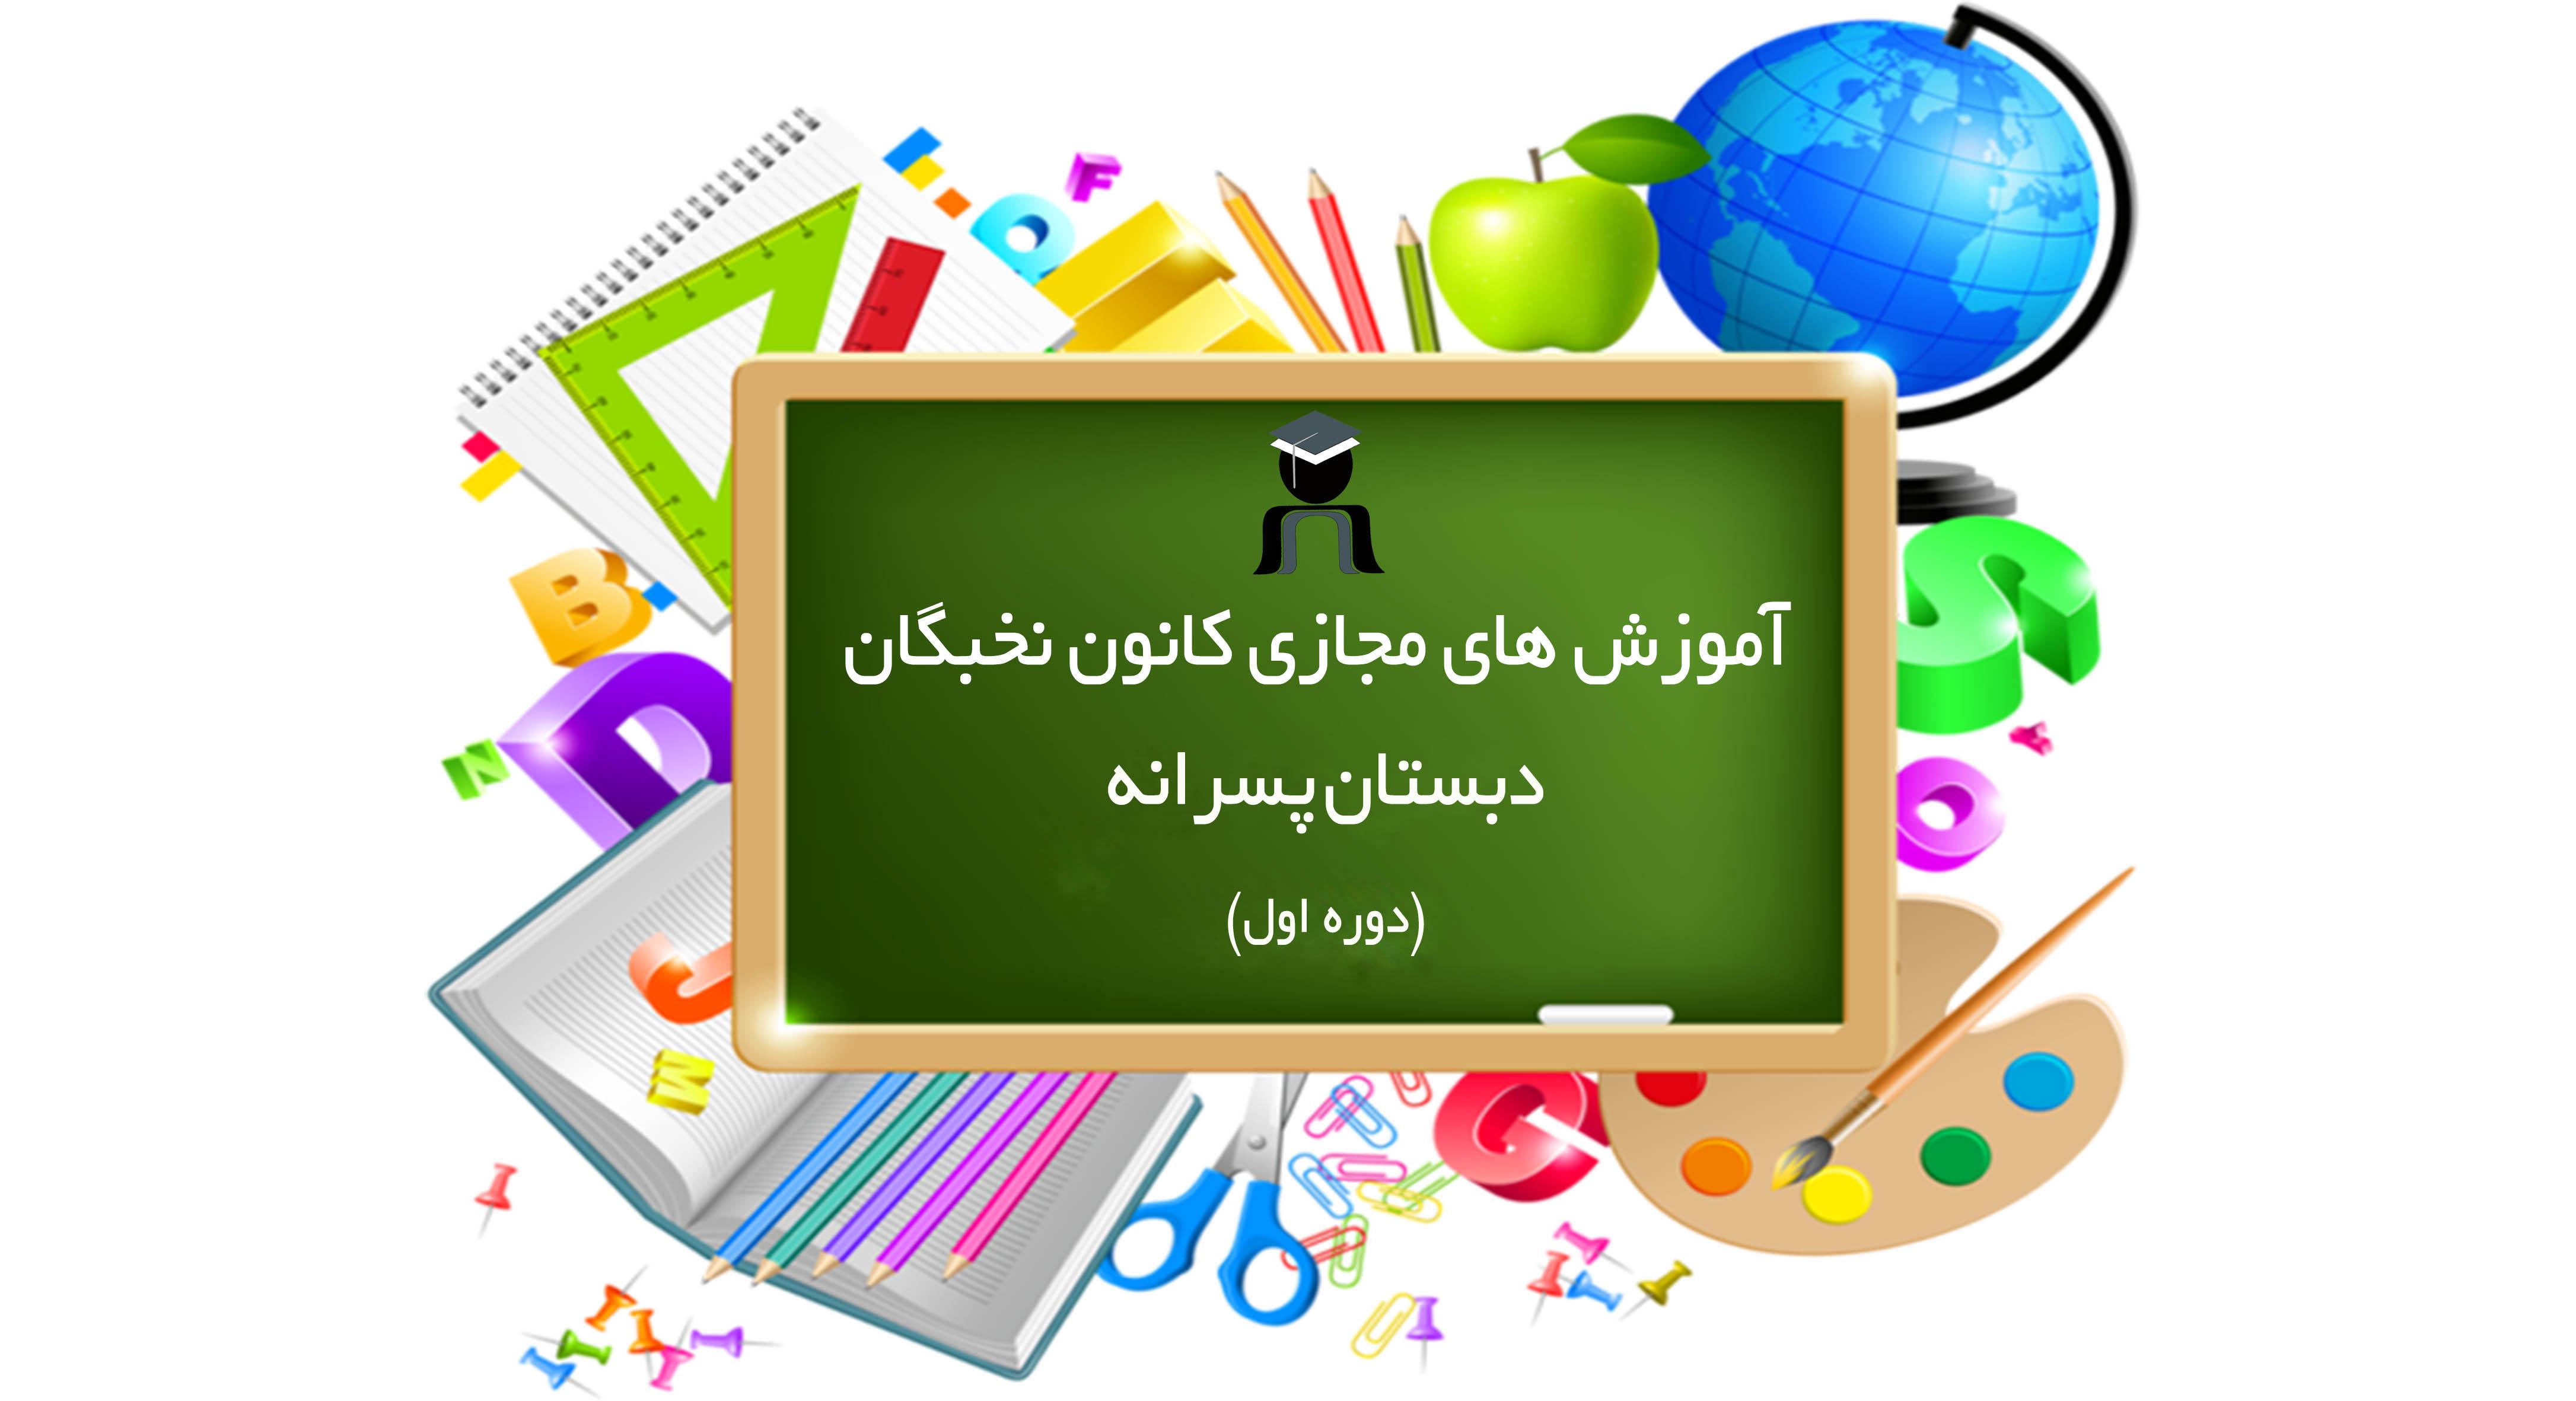 کلاس های تابستانه پایه دوم 2 ( خانم کاشانی )